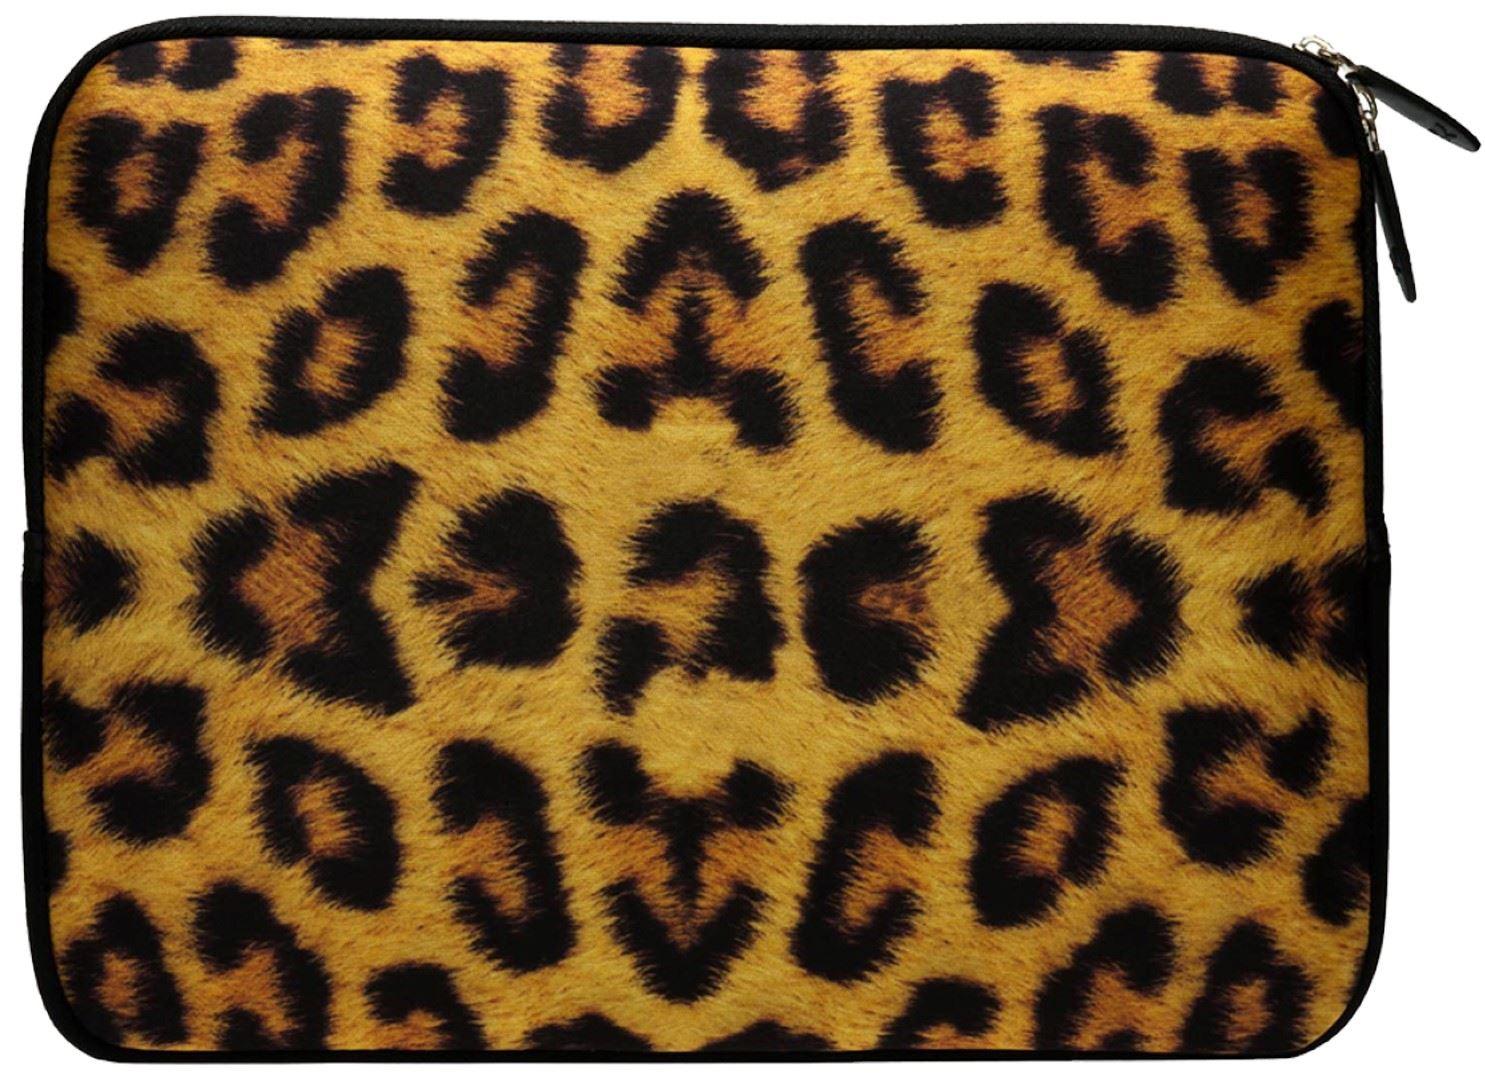 Luxbrug-10-034-17-034-pouces-Housse-Sacoche-Pochette-pour-ordinateur-portable-1